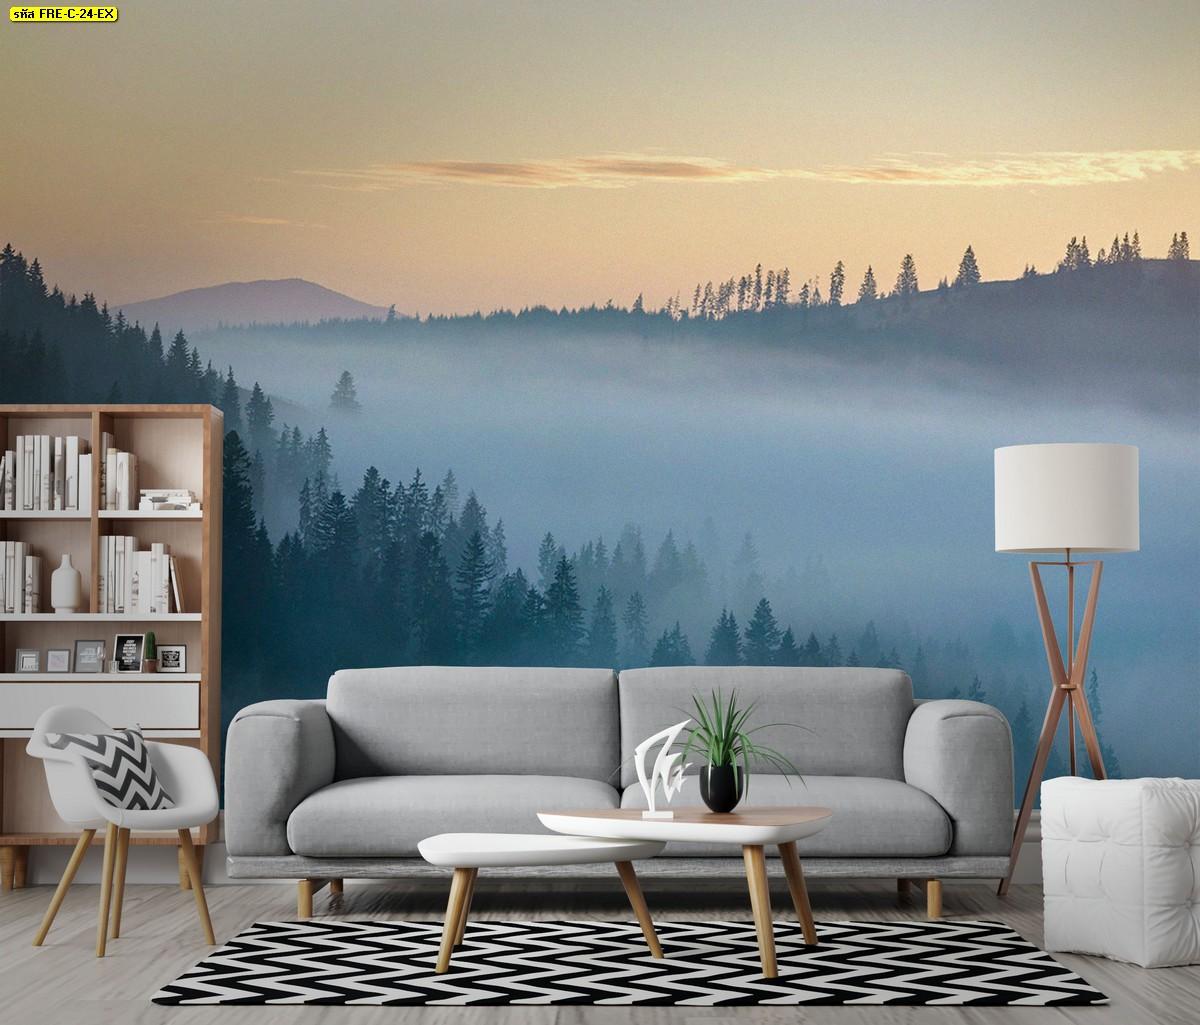 วอลเปเปอร์สั่งพิมพ์ลายวิวภูเขาต้นไม้กับทะเลหมอกยามเช้า เข้ากับห้องนั่งเล่นธรรมชาติสวยๆ